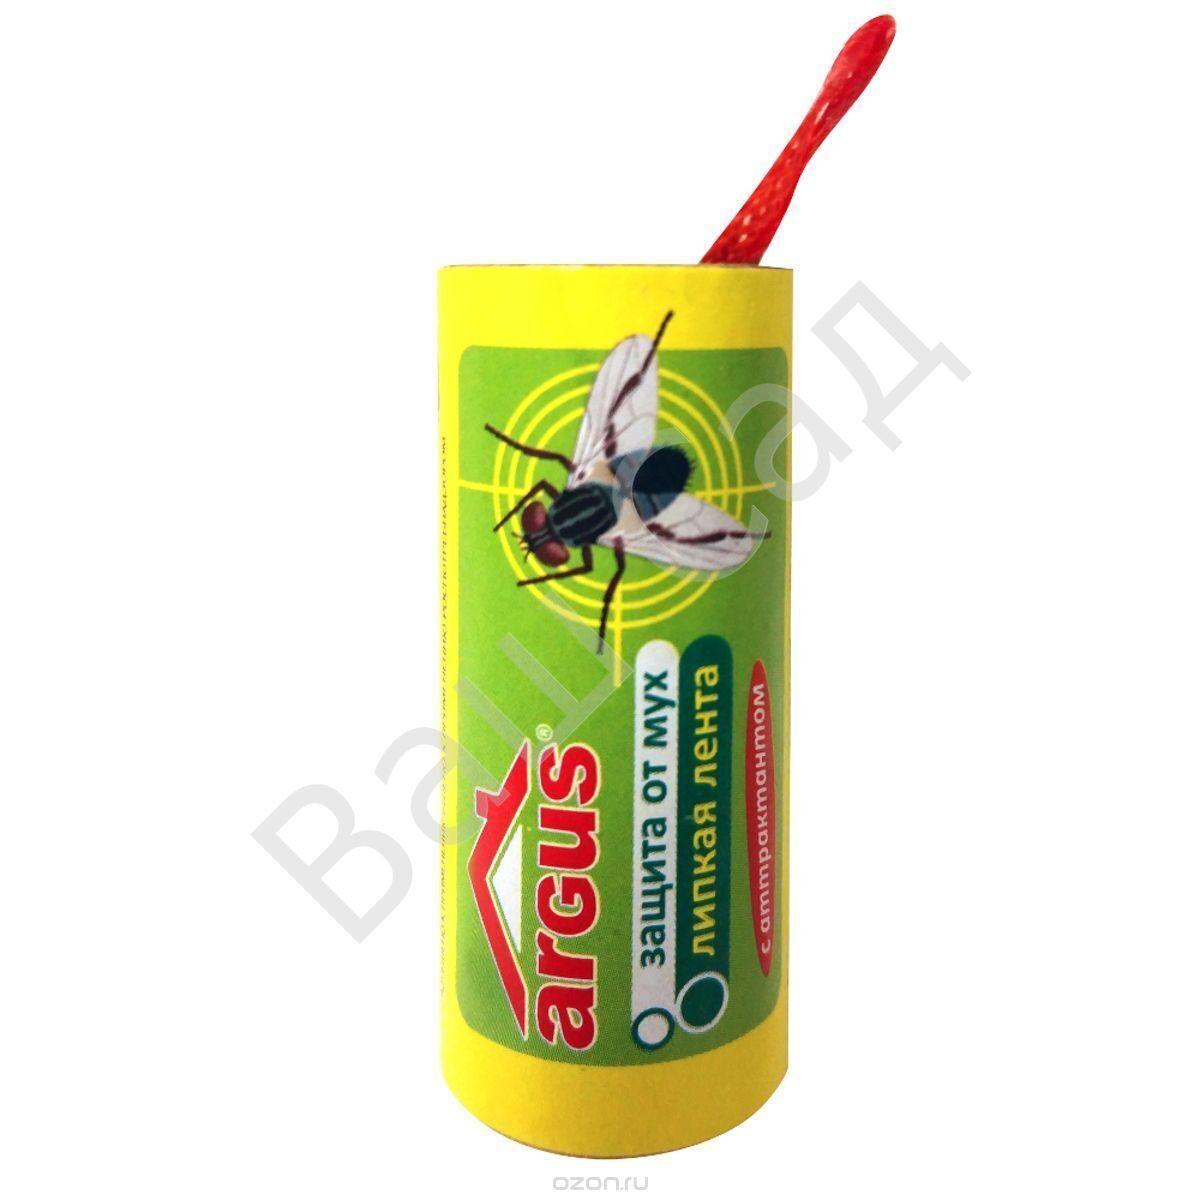 Как своими руками сделать липкую ленту от мух своими руками